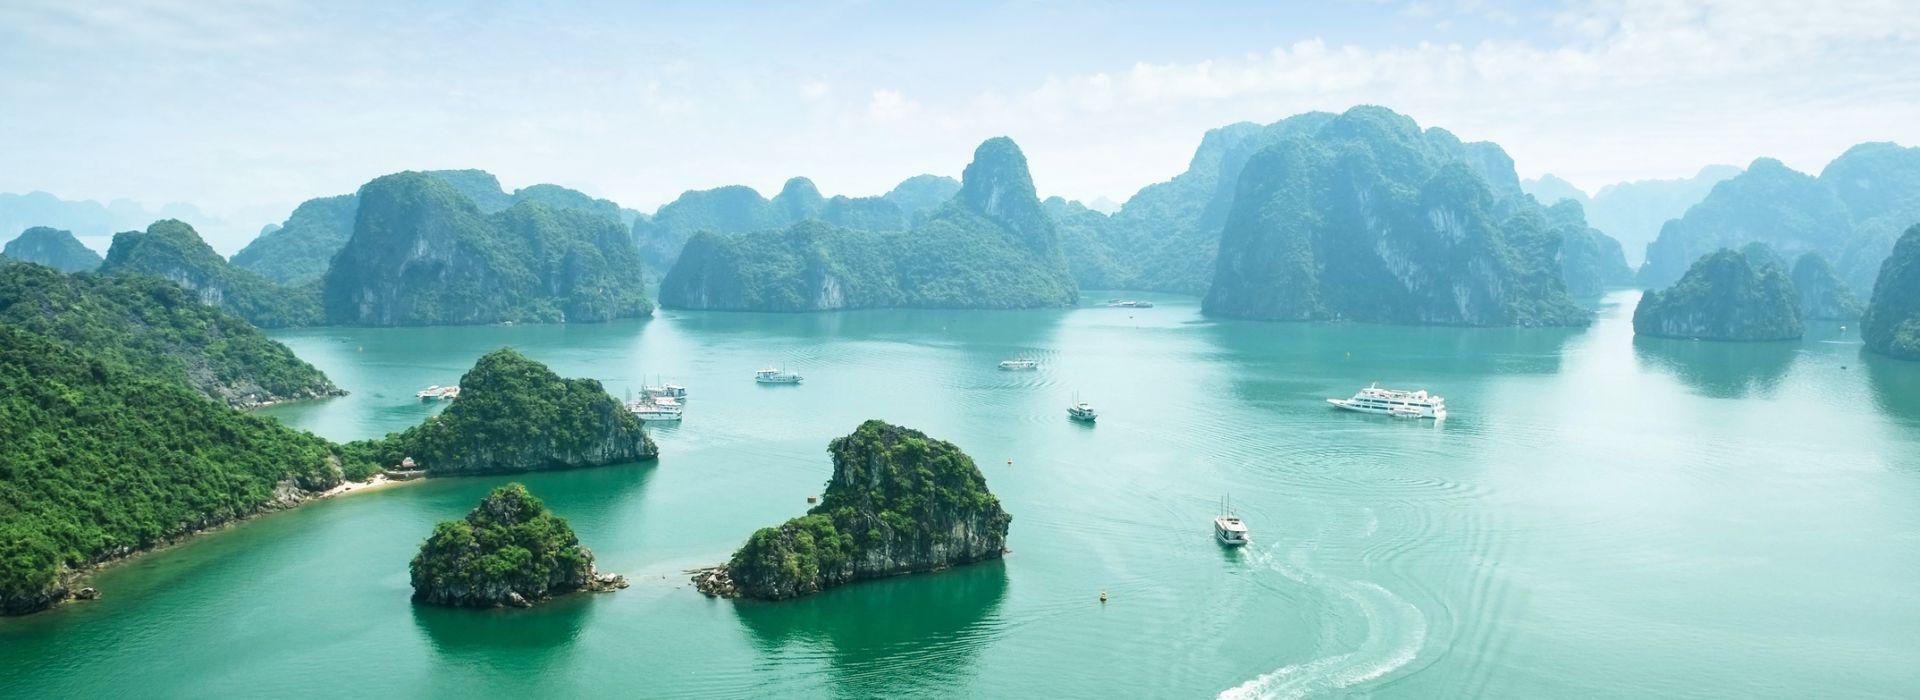 Natural landmarks sightseeing Tours in Hue